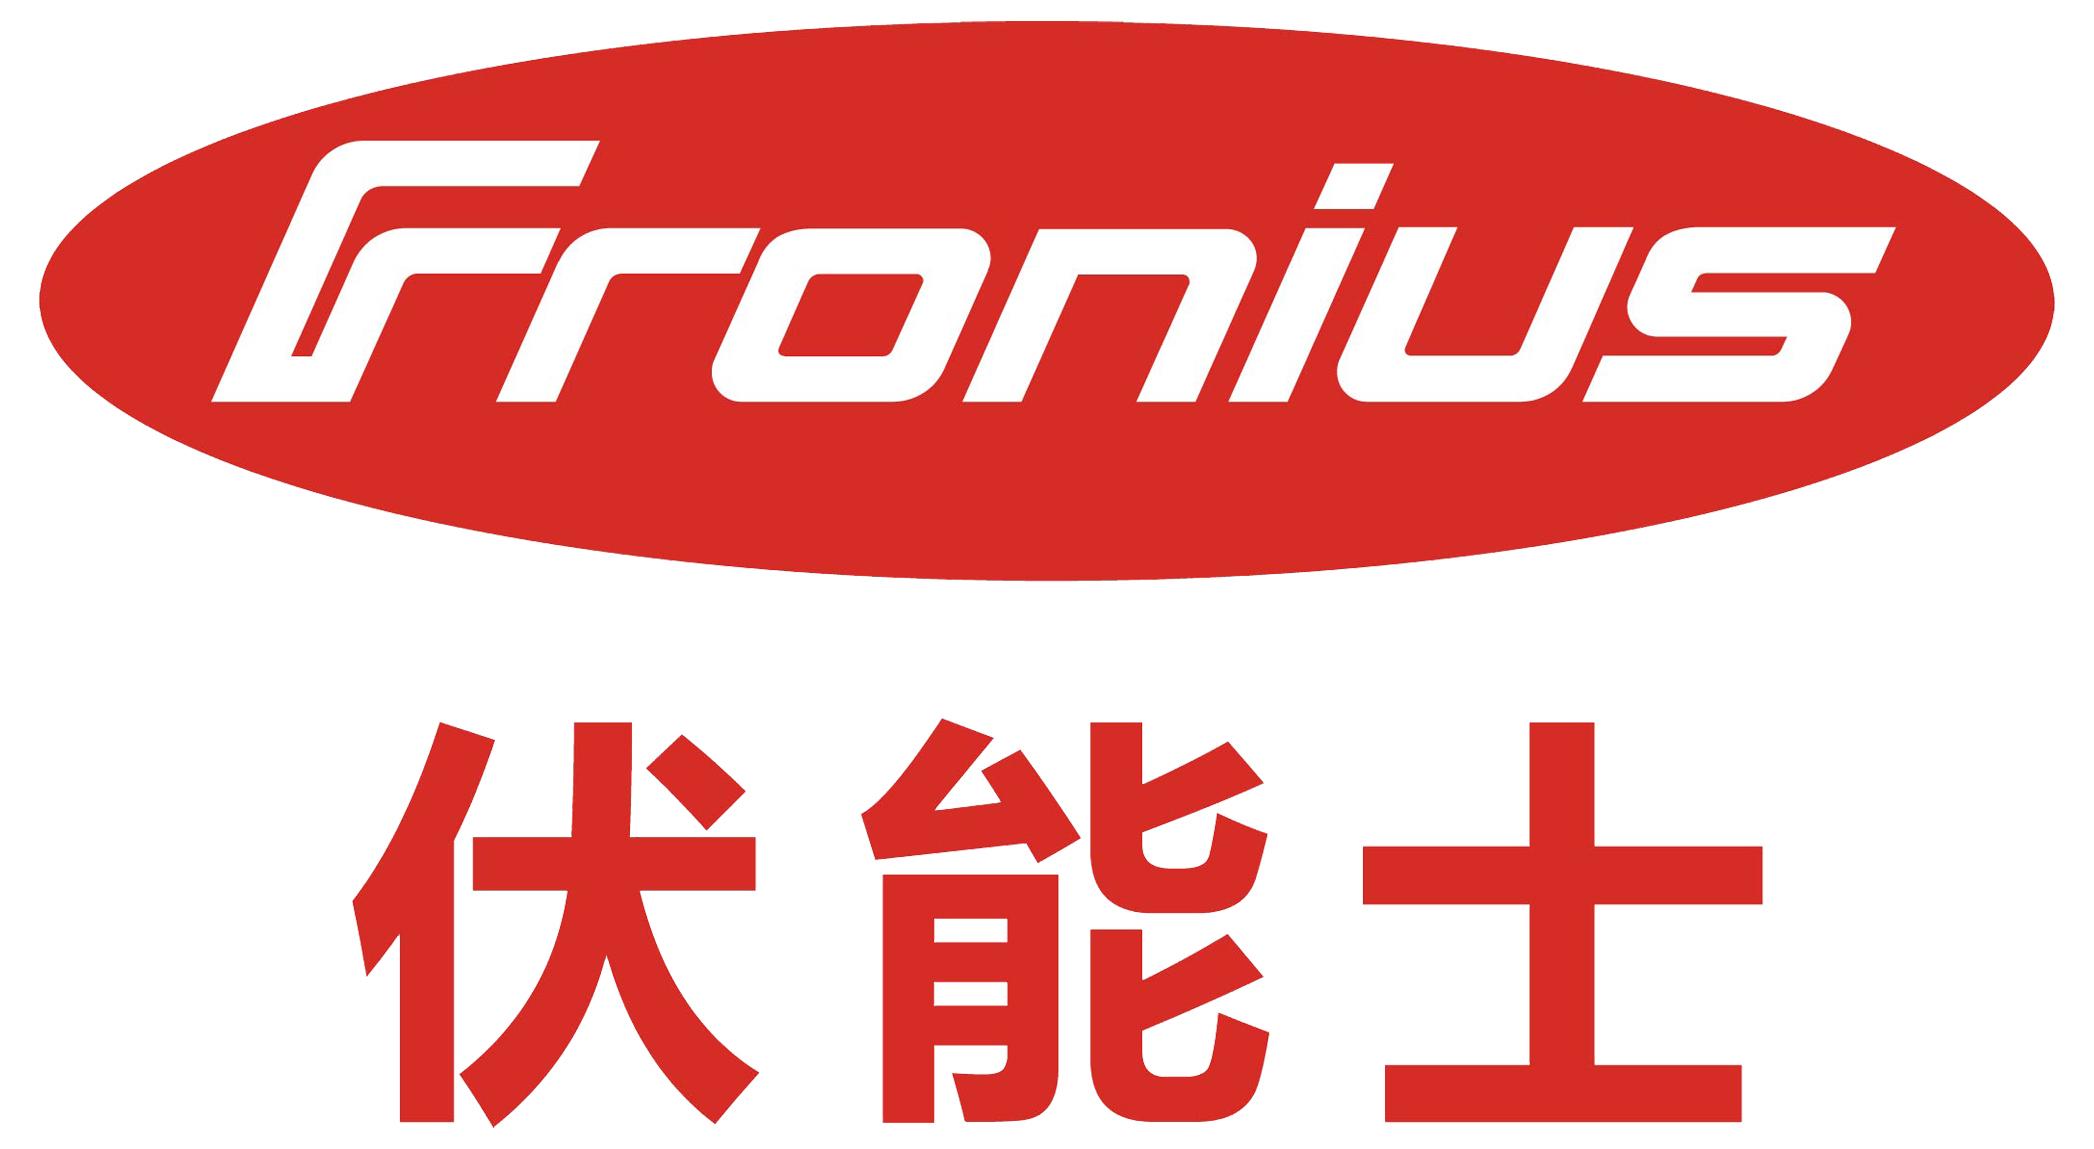 伏能士智能设备 (上海) 有限公司